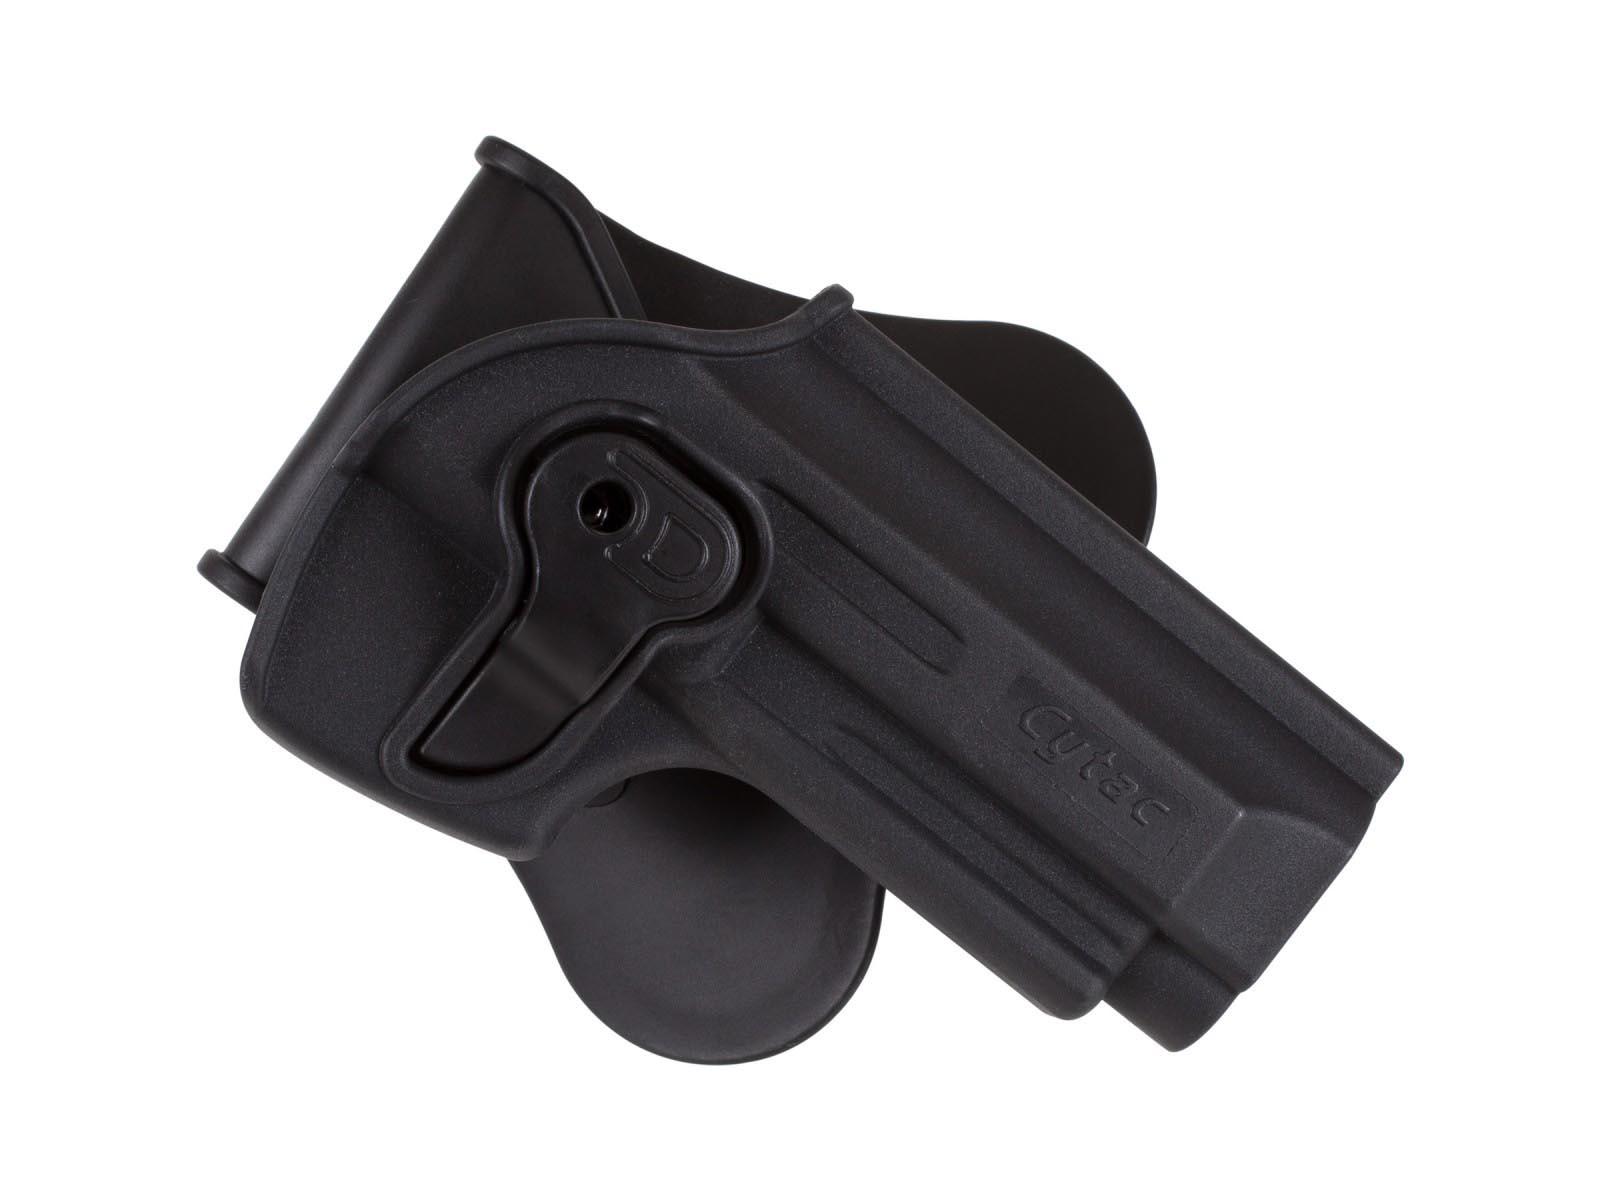 Swiss Arms Beretta 92 Holster